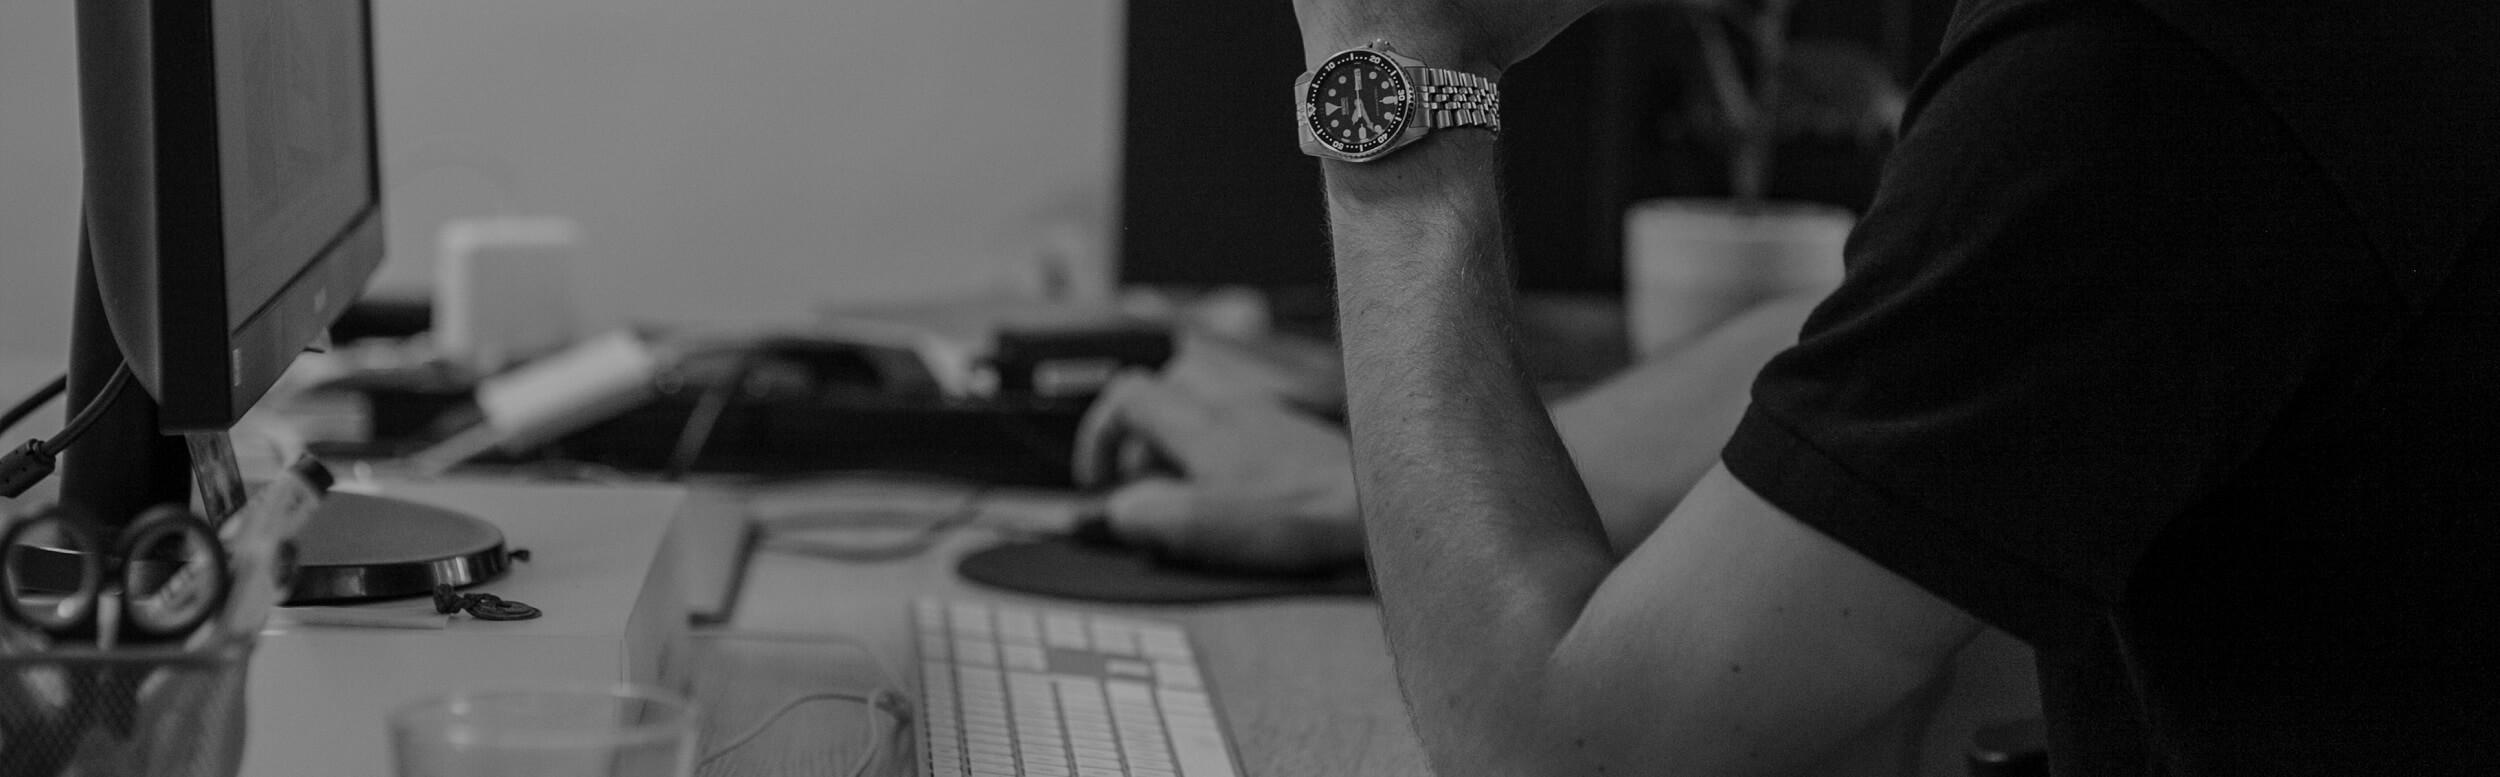 Muž pracuje na PC hodinky na ruke